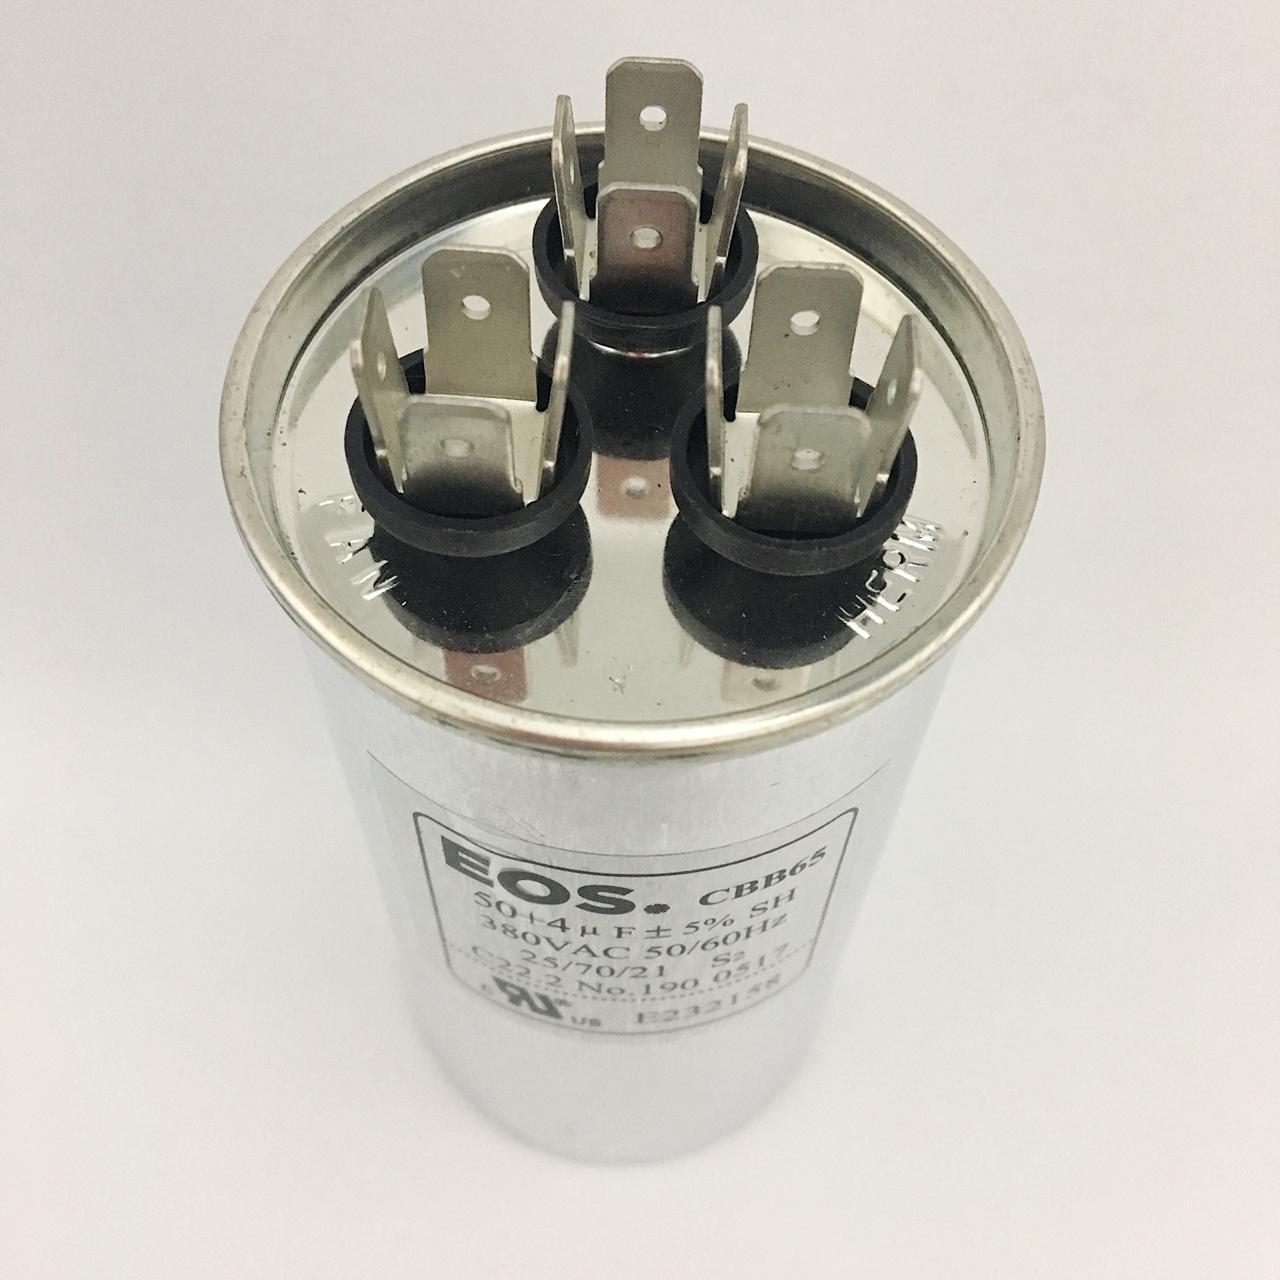 Capacitor EOS 50+4 MFD 380V 50/60Hz